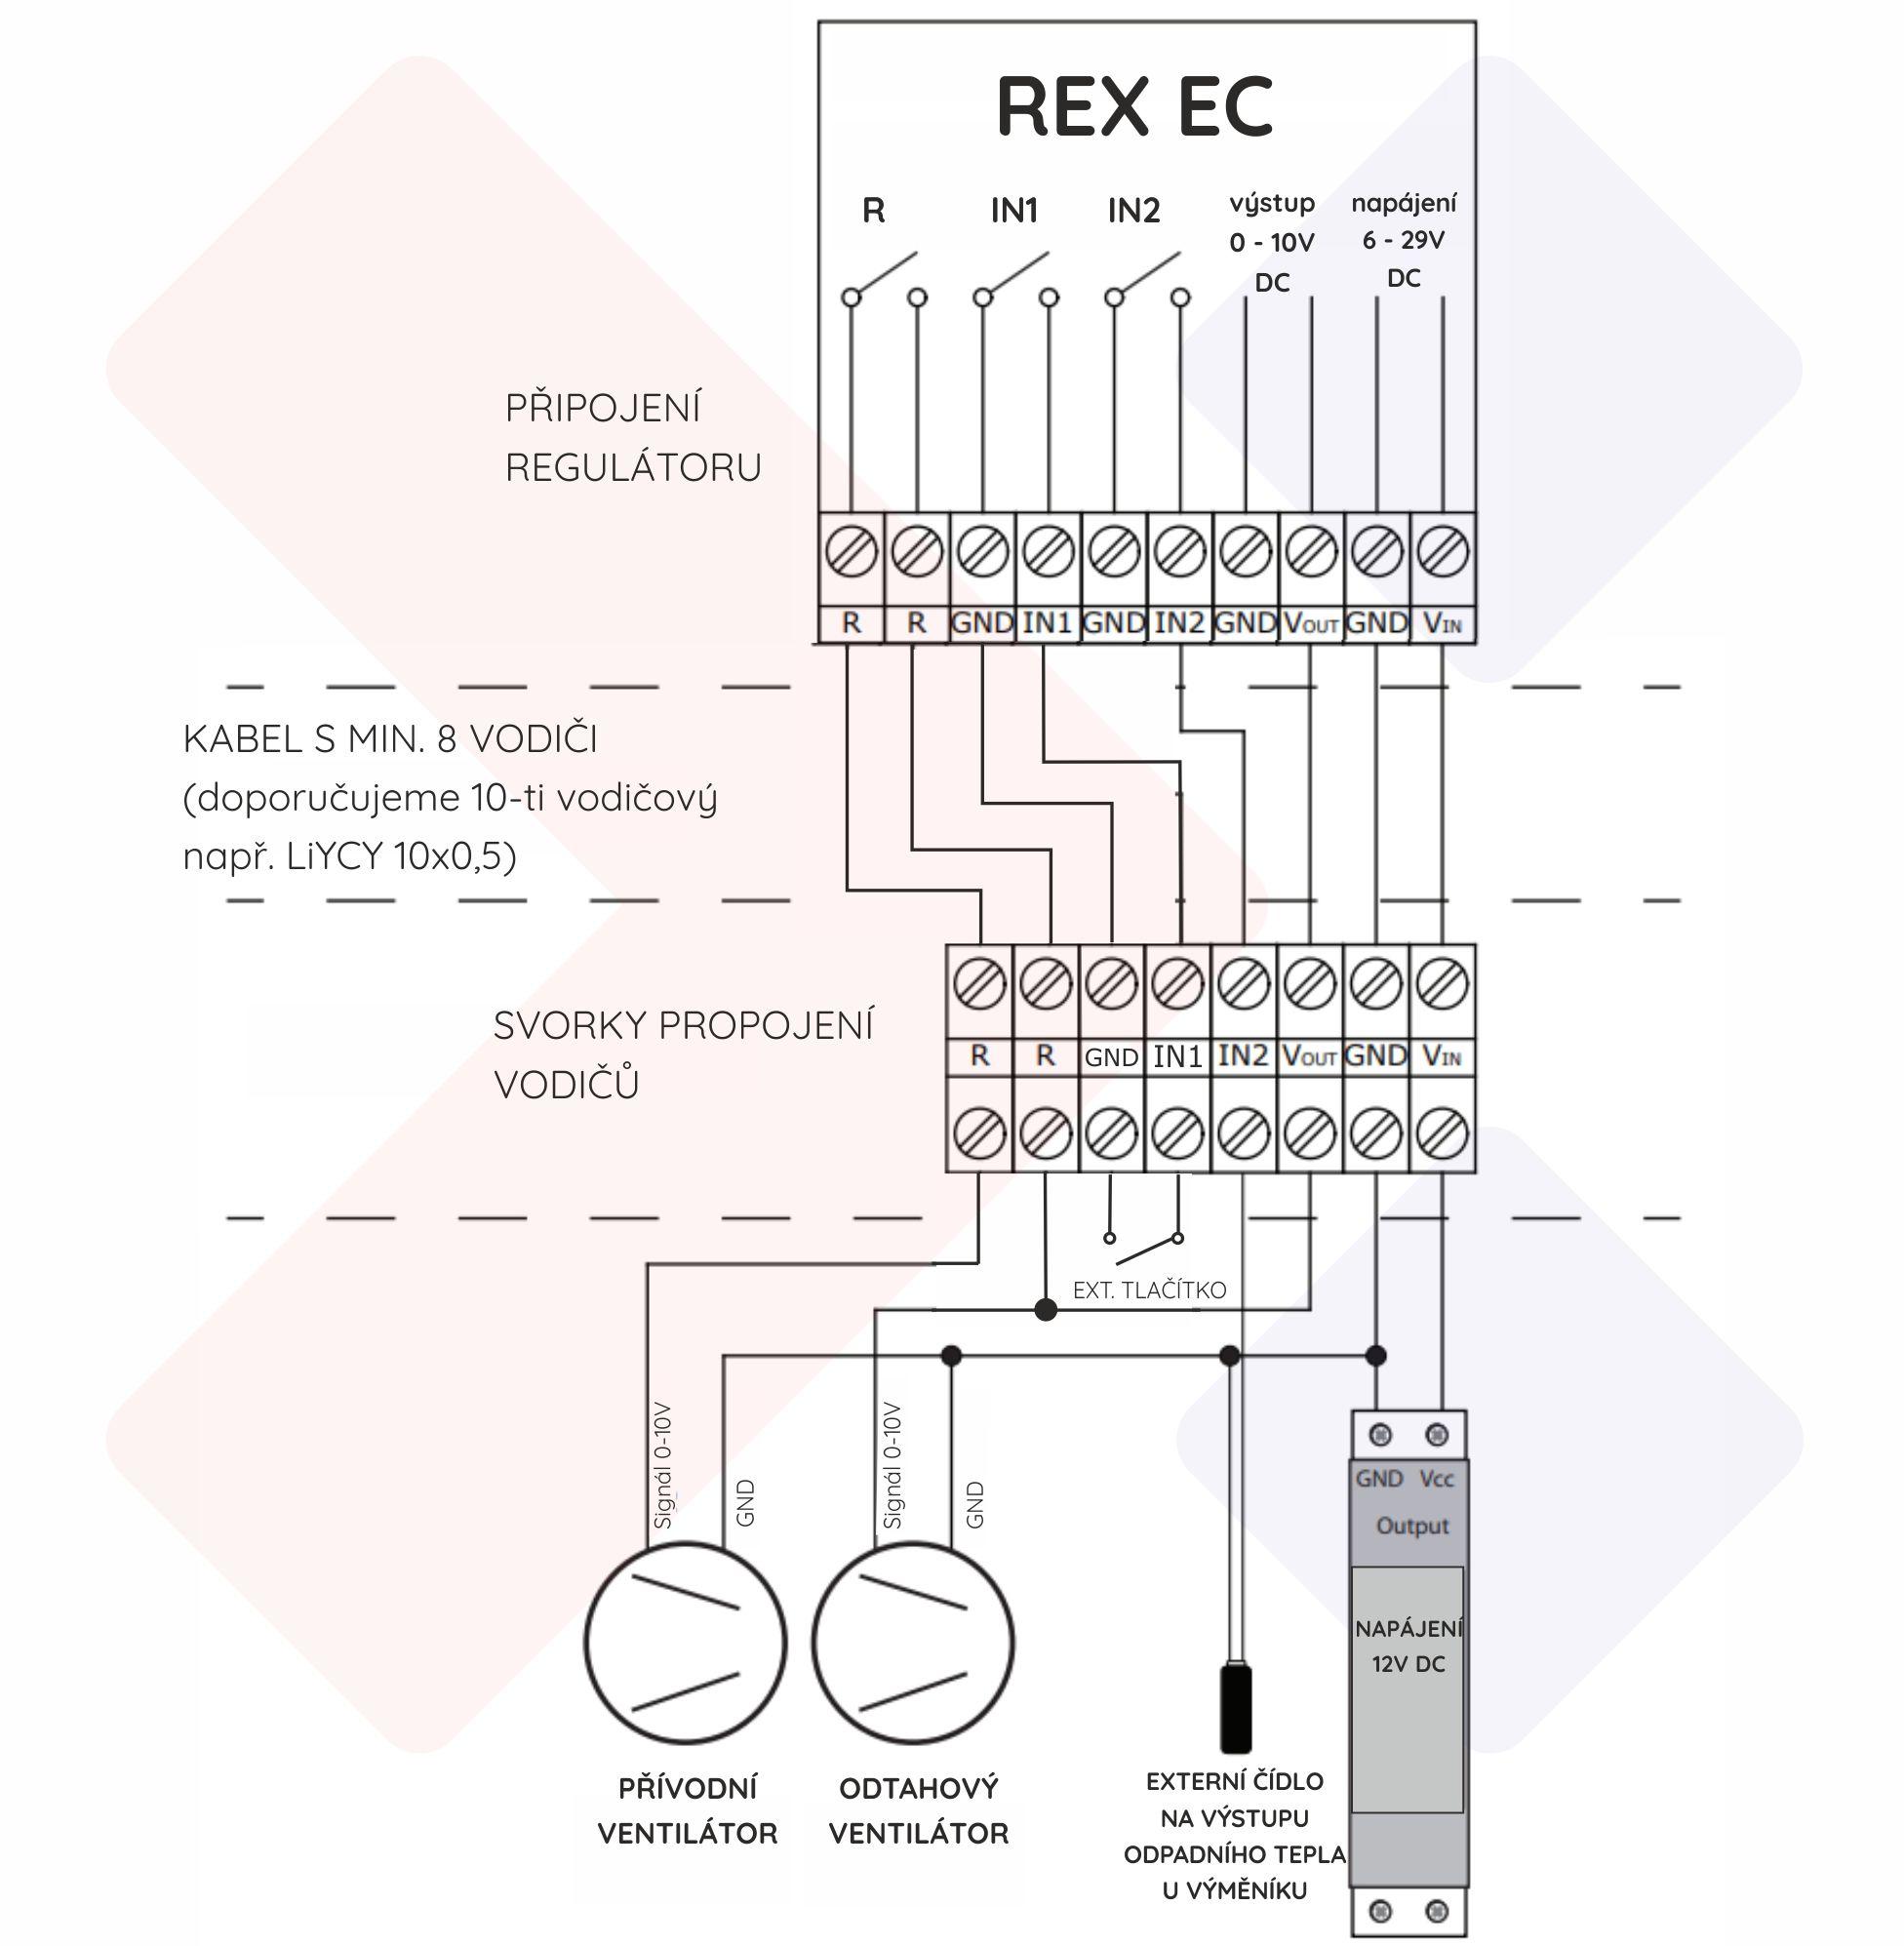 řízení rekuperace regulátor schéma zapojení